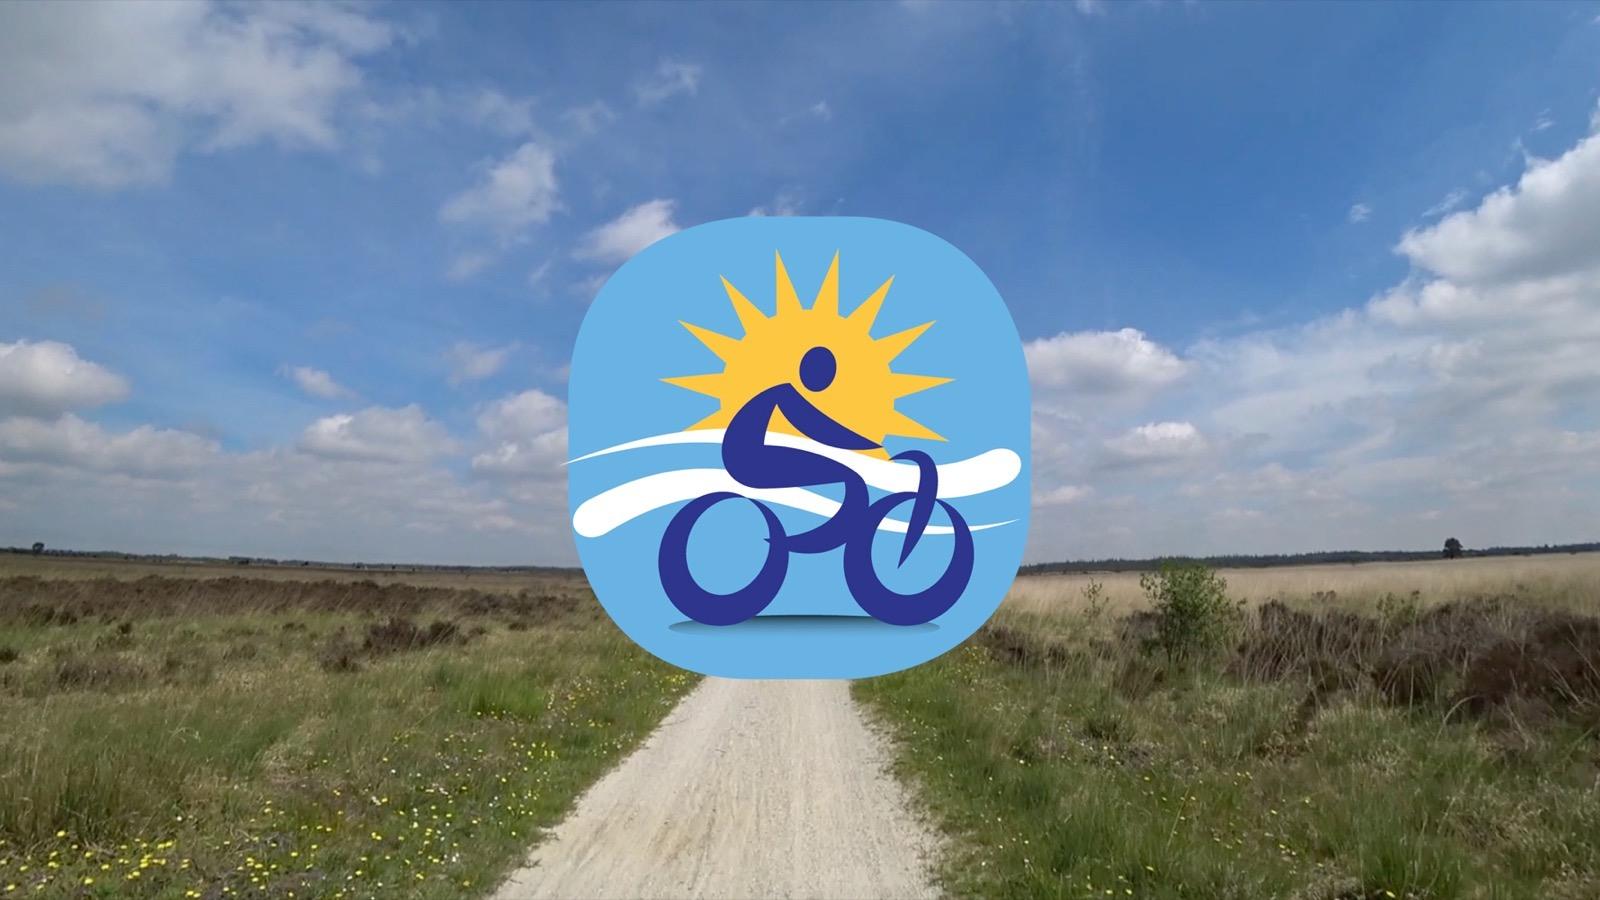 Nieuw: Prachtige fietstochten door verrassend mooi Nederland!